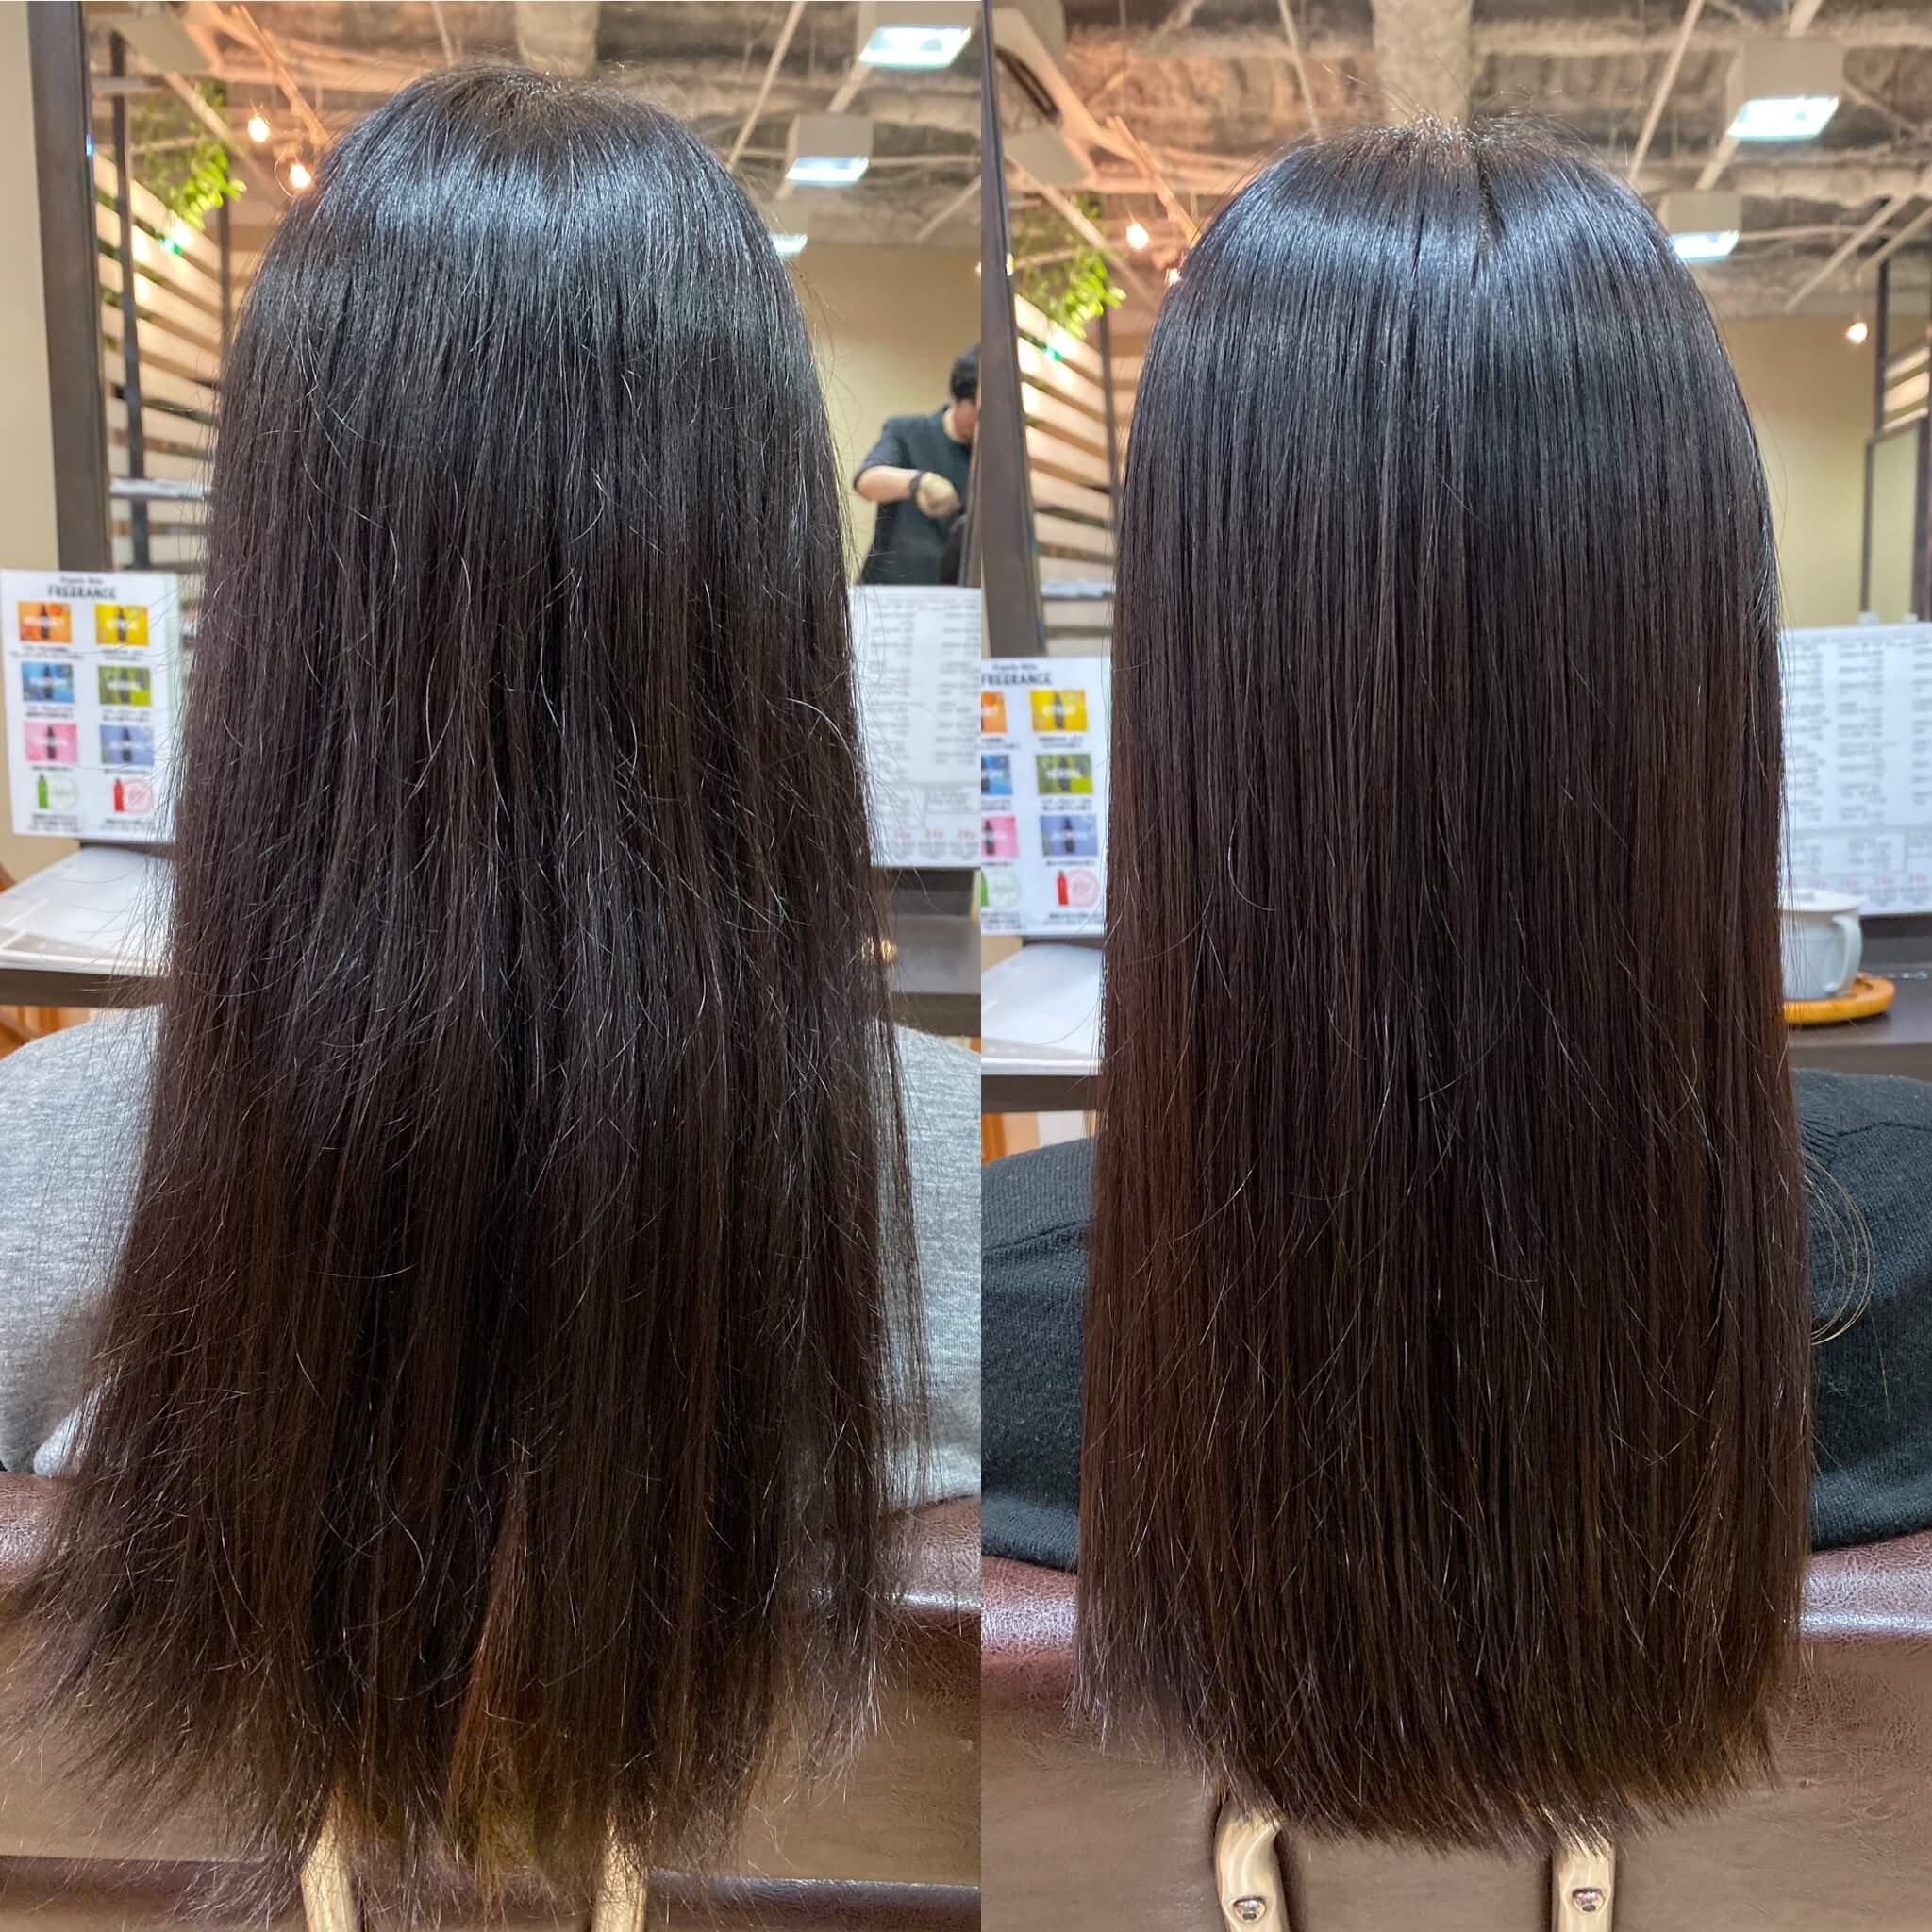 髪質改善トリートメントってなんじゃらほい?